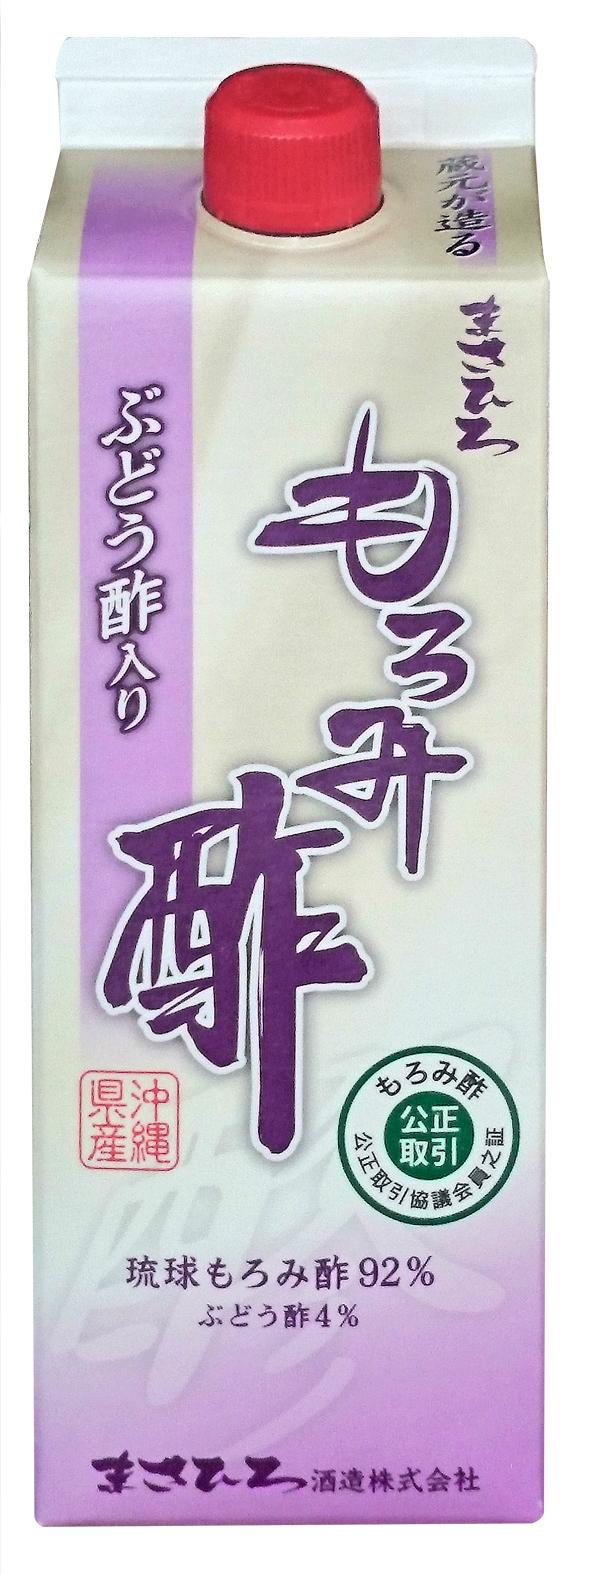 まさひろもろみ酢 (ぶどう酢入)  900ml